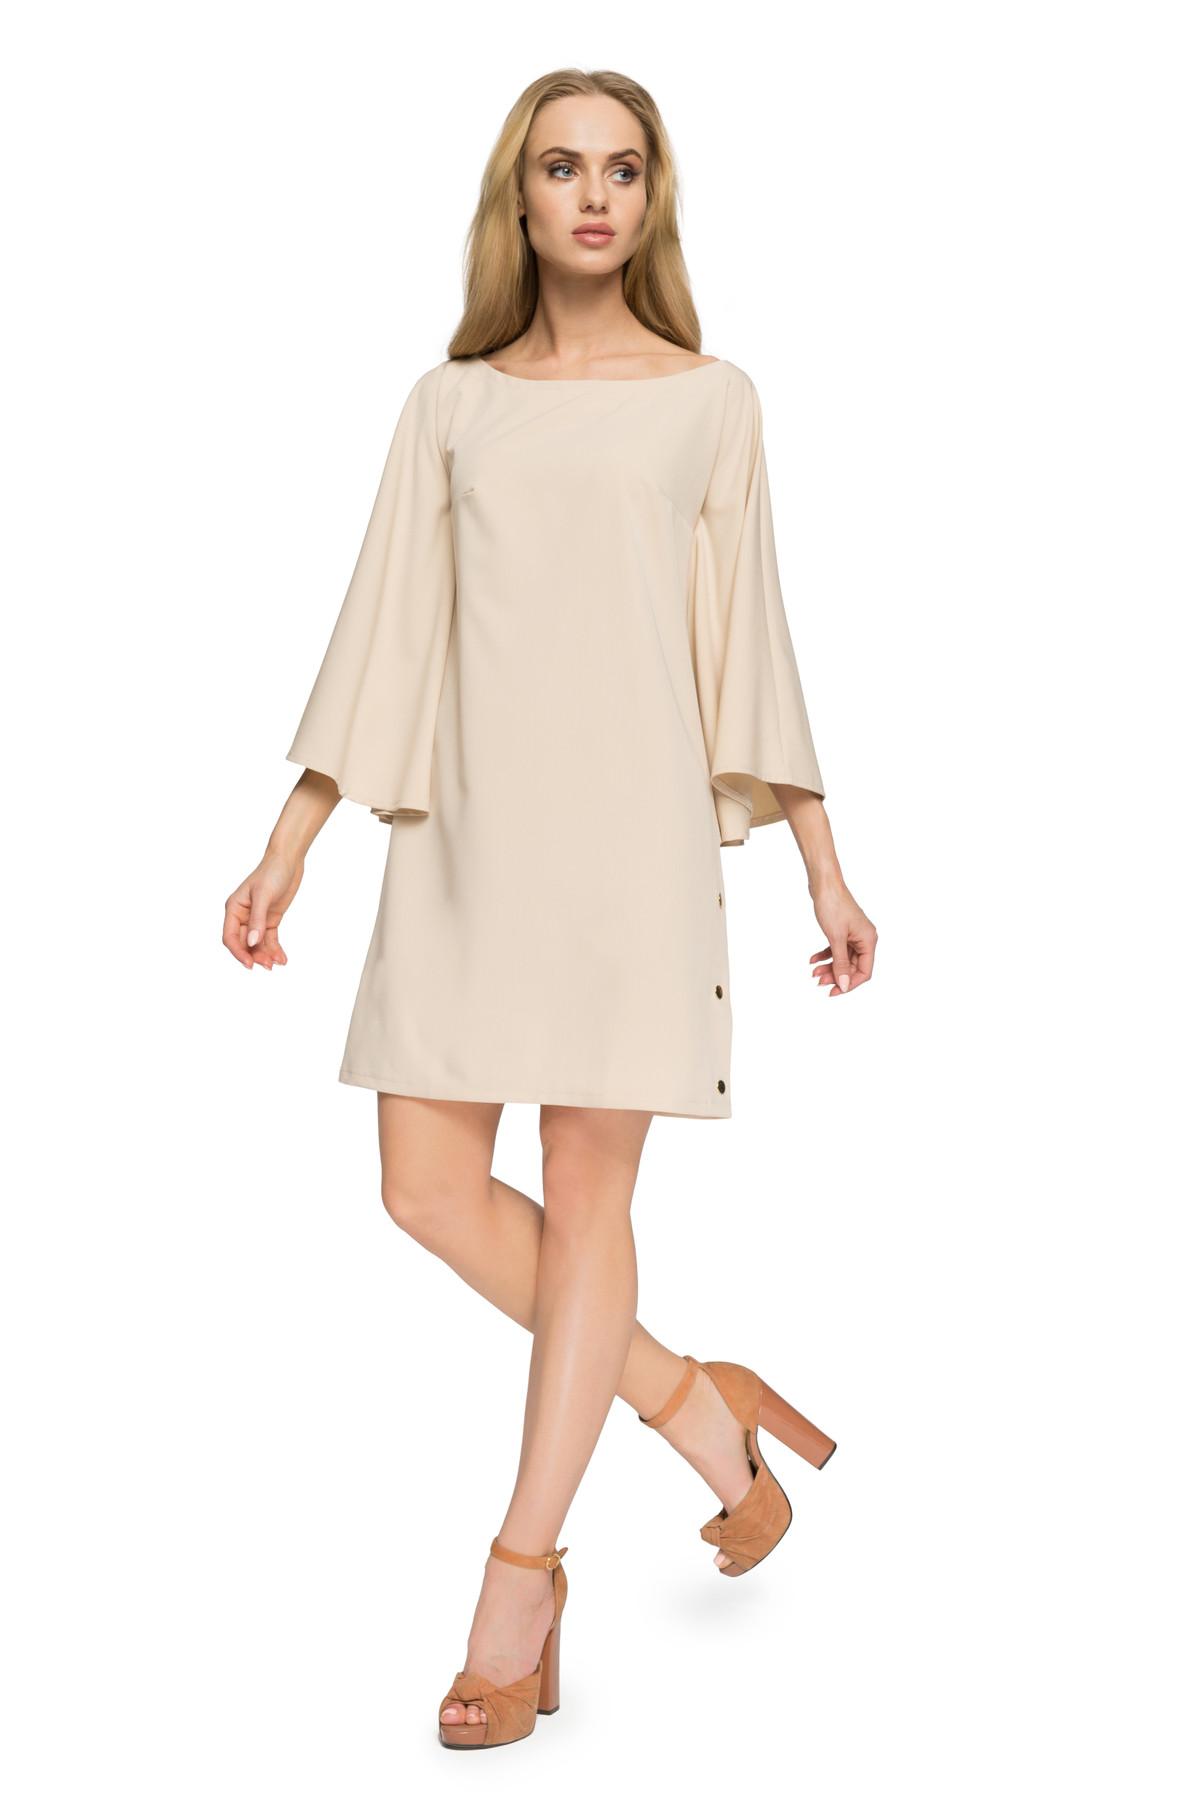 Clea Musterloses und elegantes Kleid mit Fledermausärmeln Damen ...